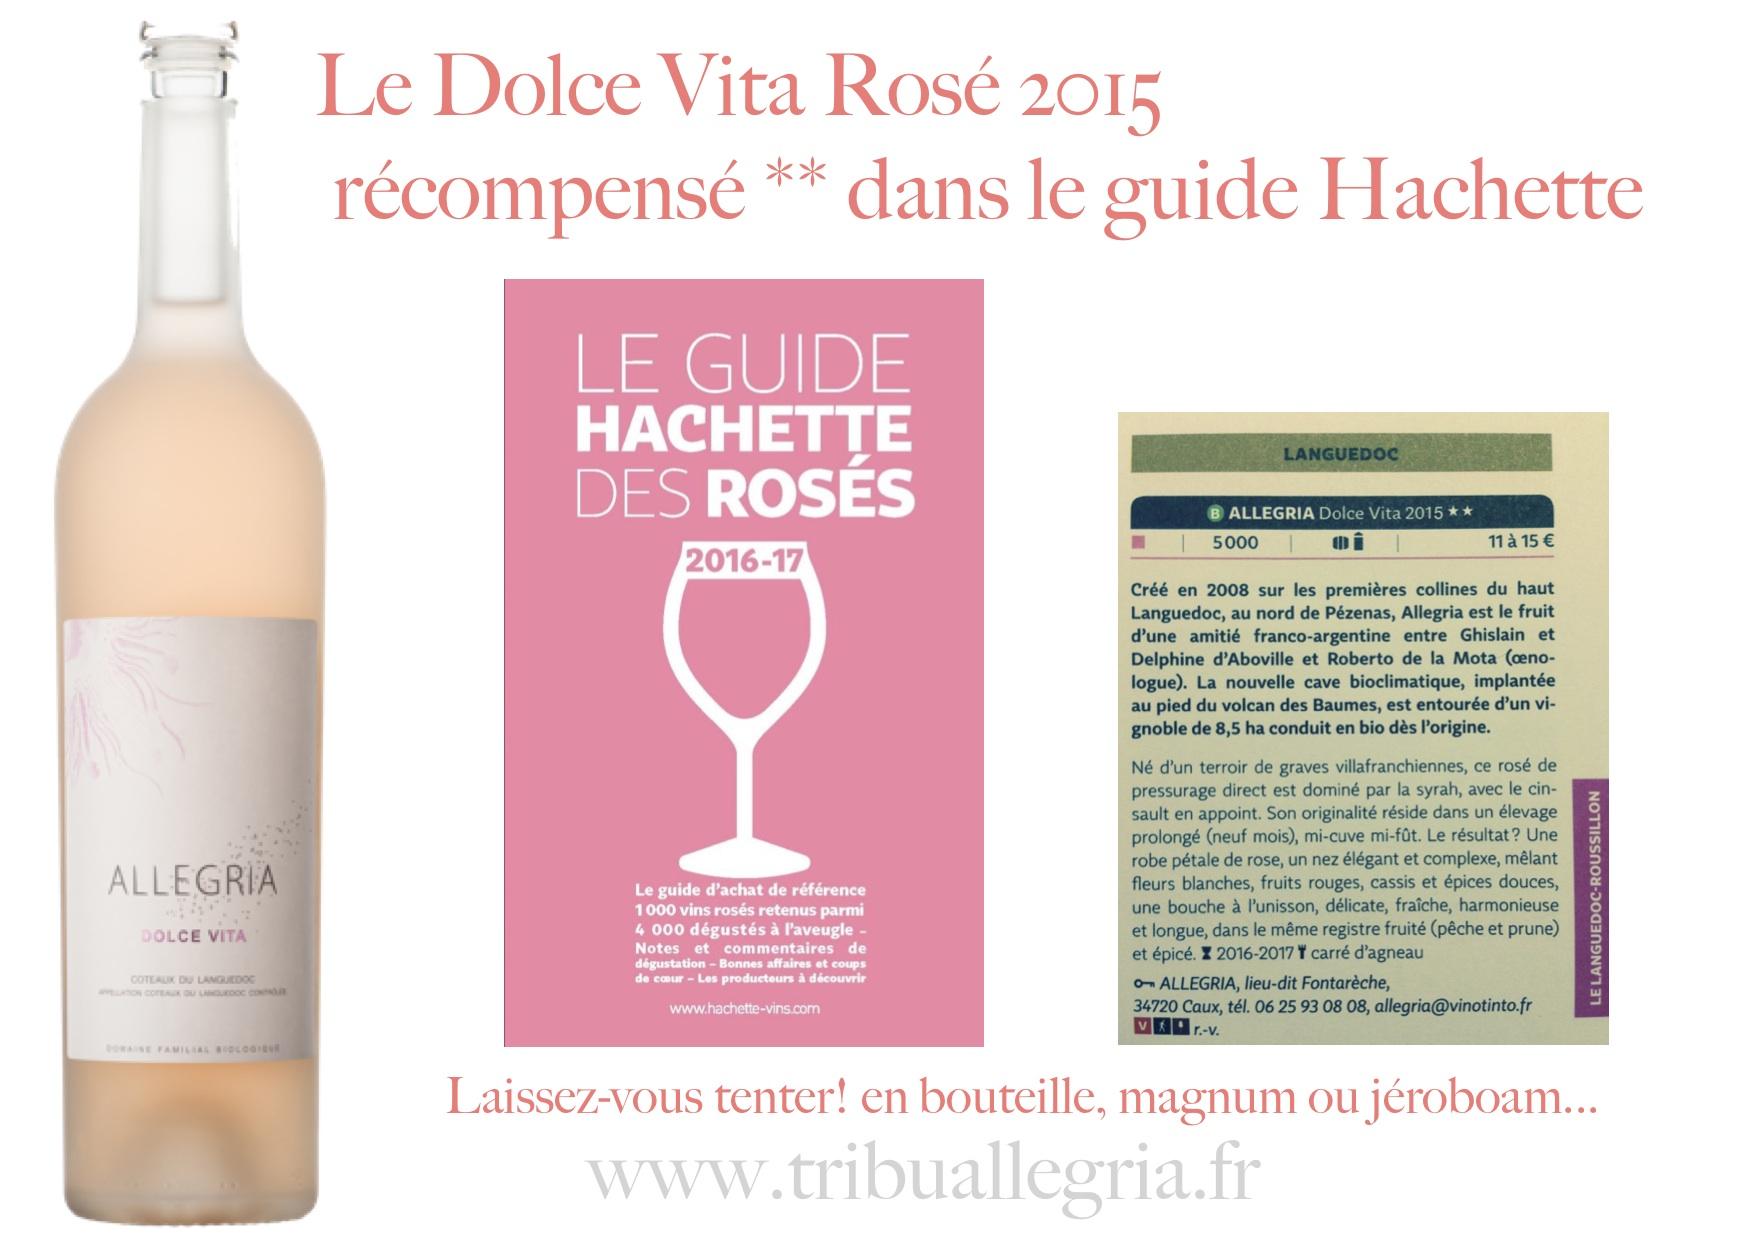 Allegria Dolce Vita rosé récompensé dans le guide Hachette